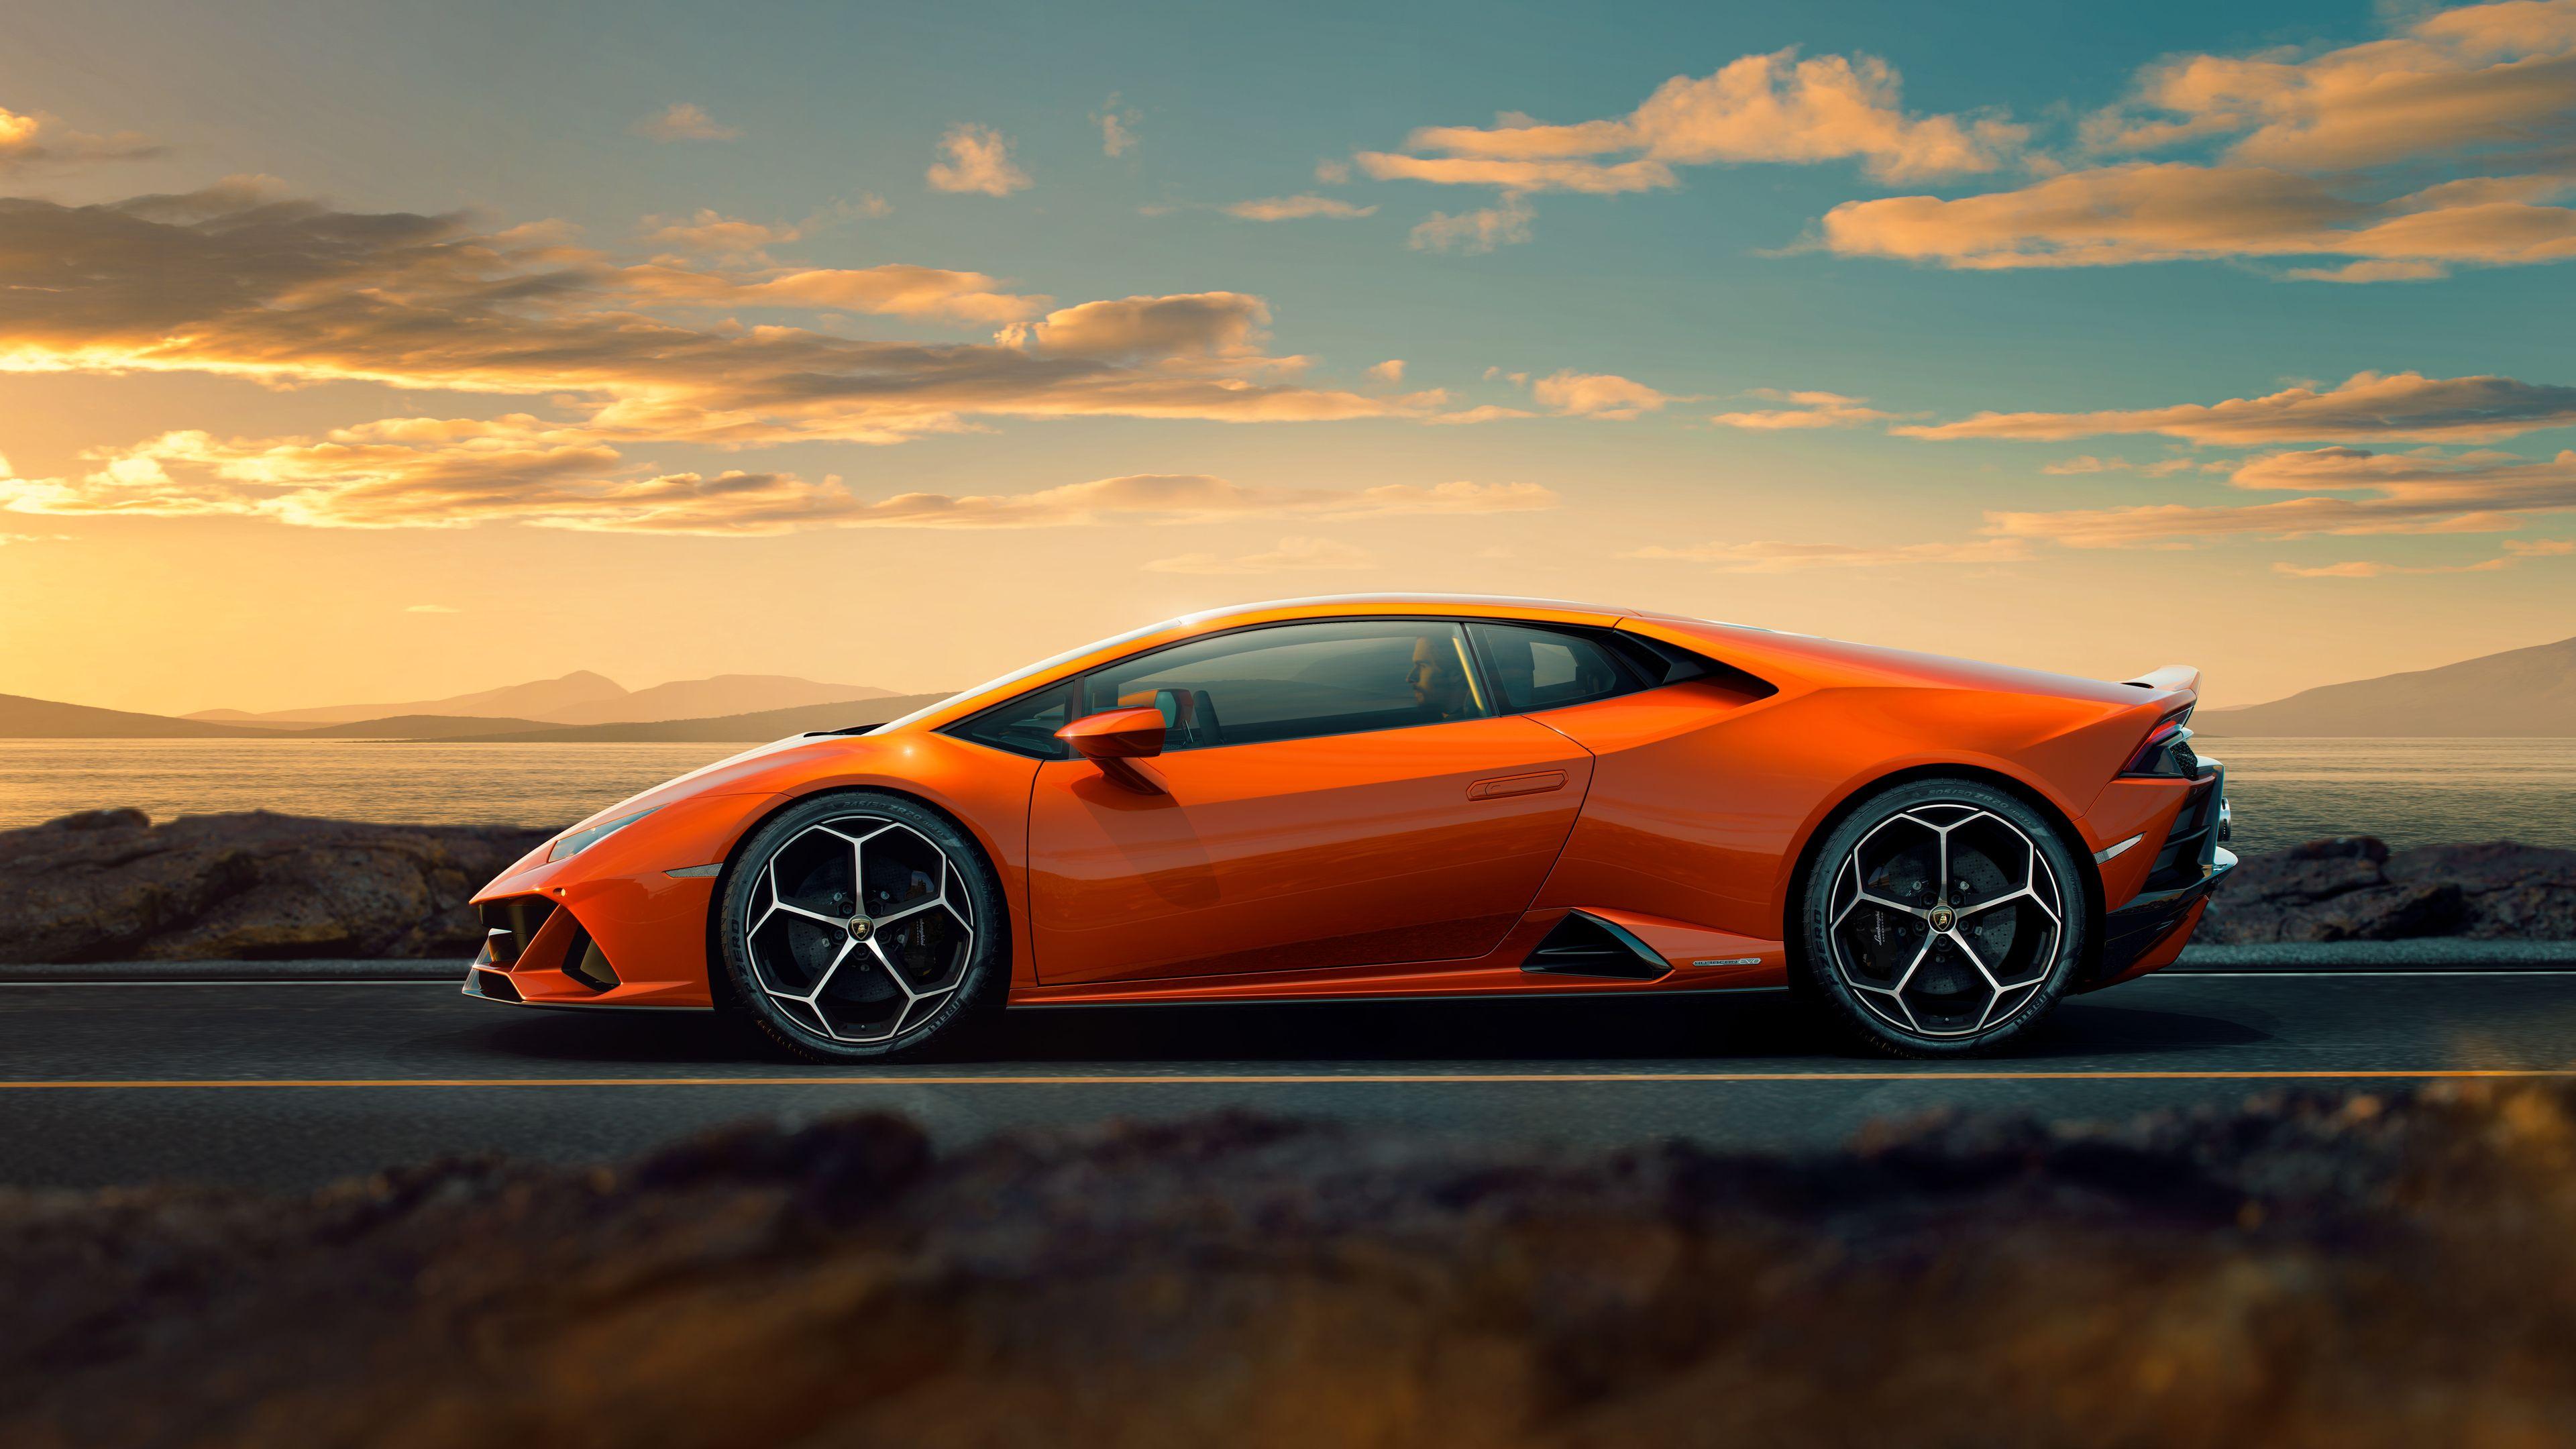 2019 Lamborghini Huracan Evo Lamborghini Huracan Car Side View Lamborghini Cars